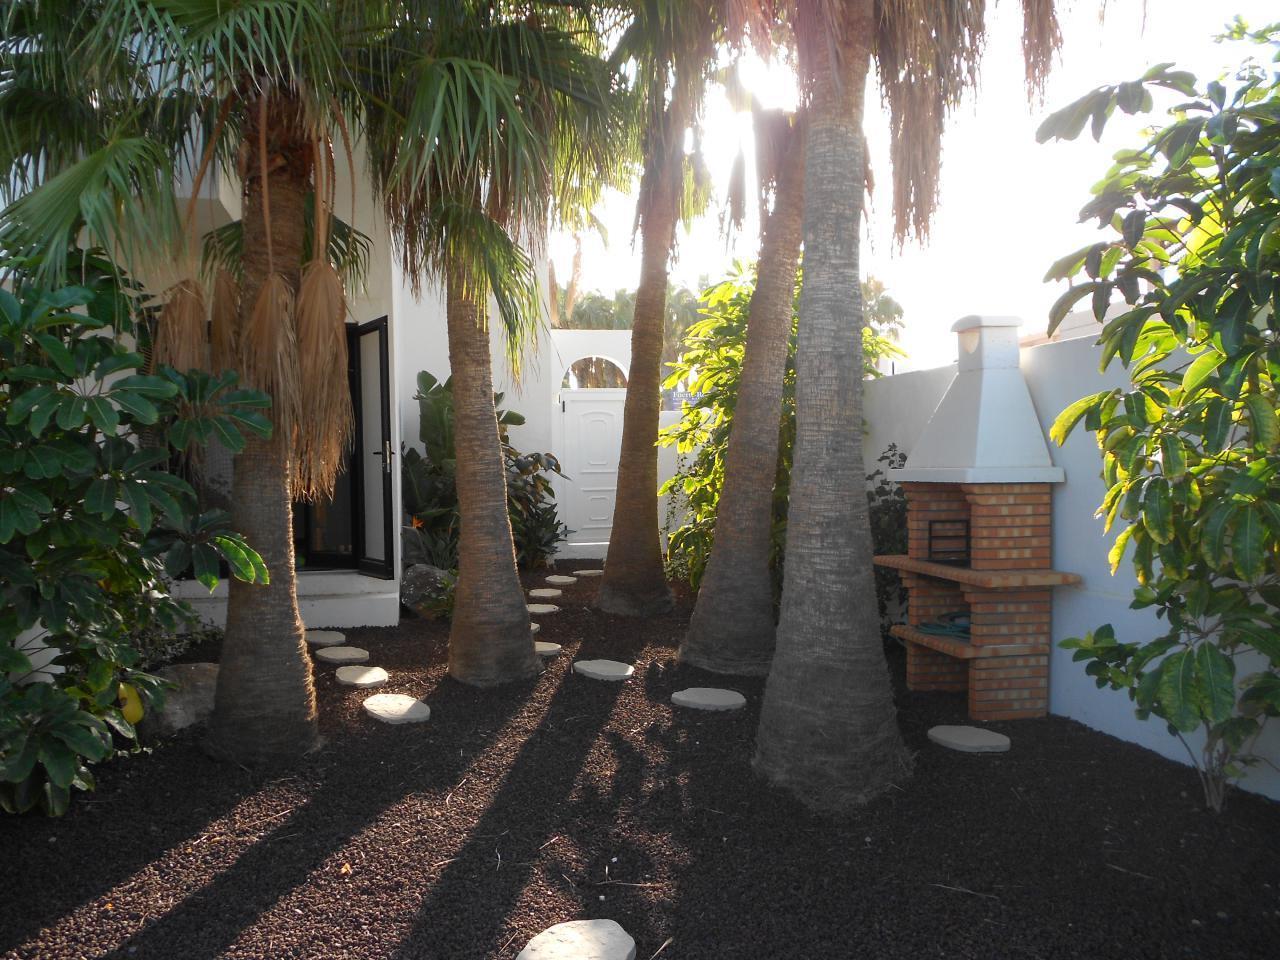 Ferienwohnung Costa Calma mit privatem Garten direkt am Strand (1851118), Costa Calma, Fuerteventura, Kanarische Inseln, Spanien, Bild 11